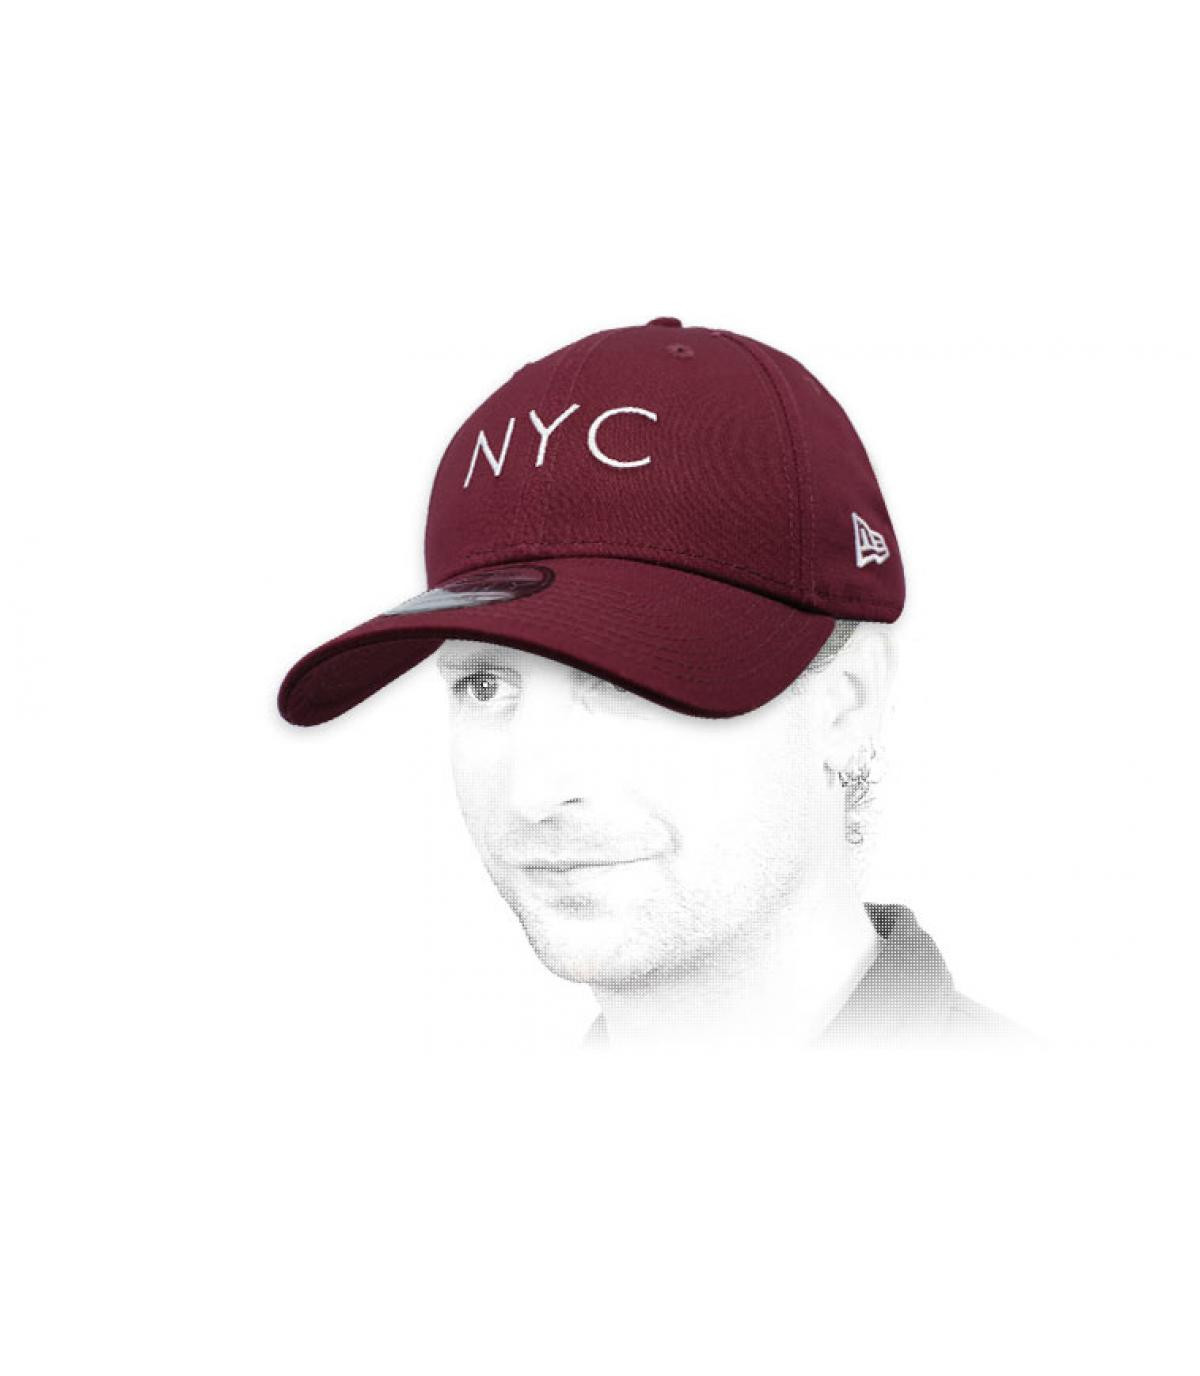 berretto NYC bordeaux